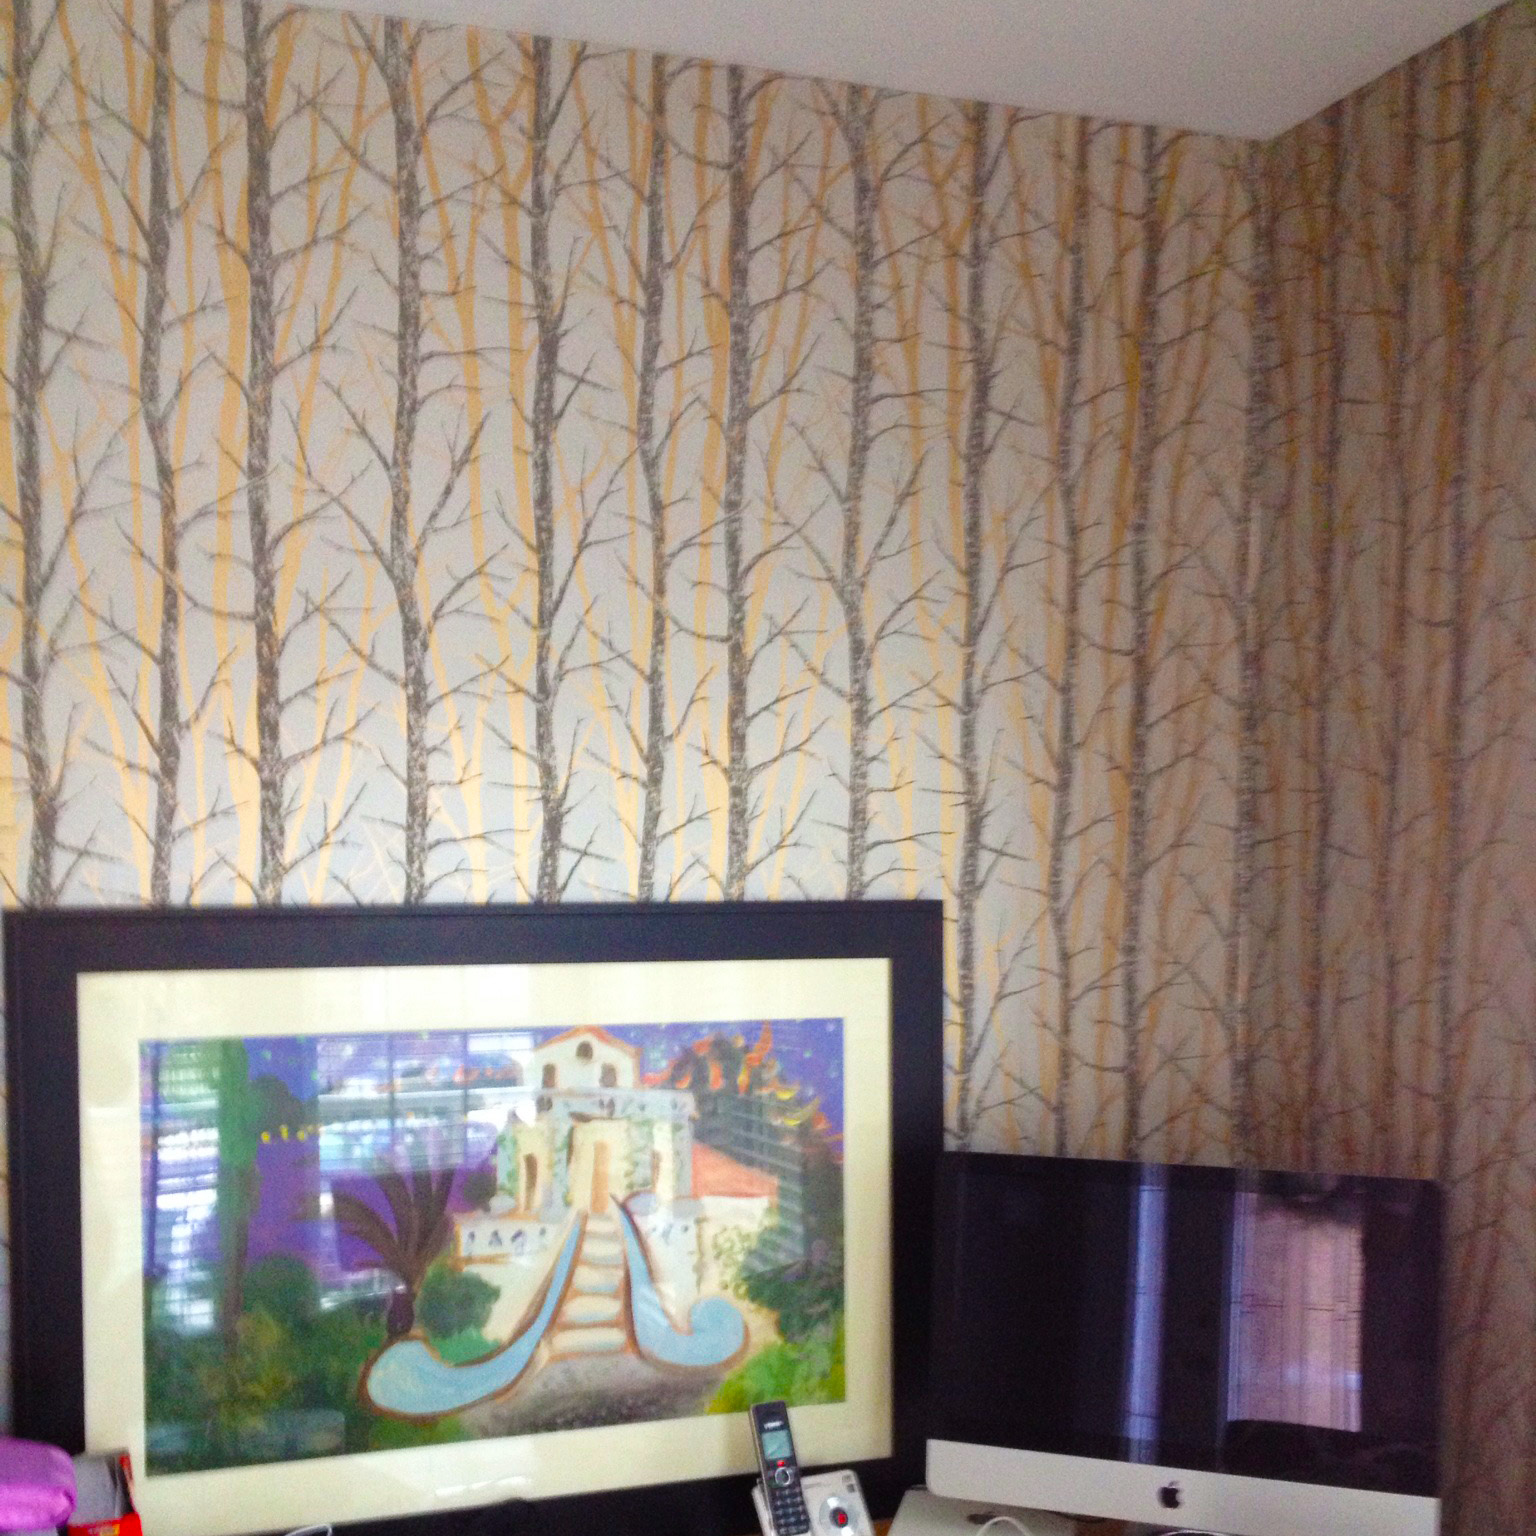 trololo blogg Wallpaper Patterns Home Depot 1536x1536